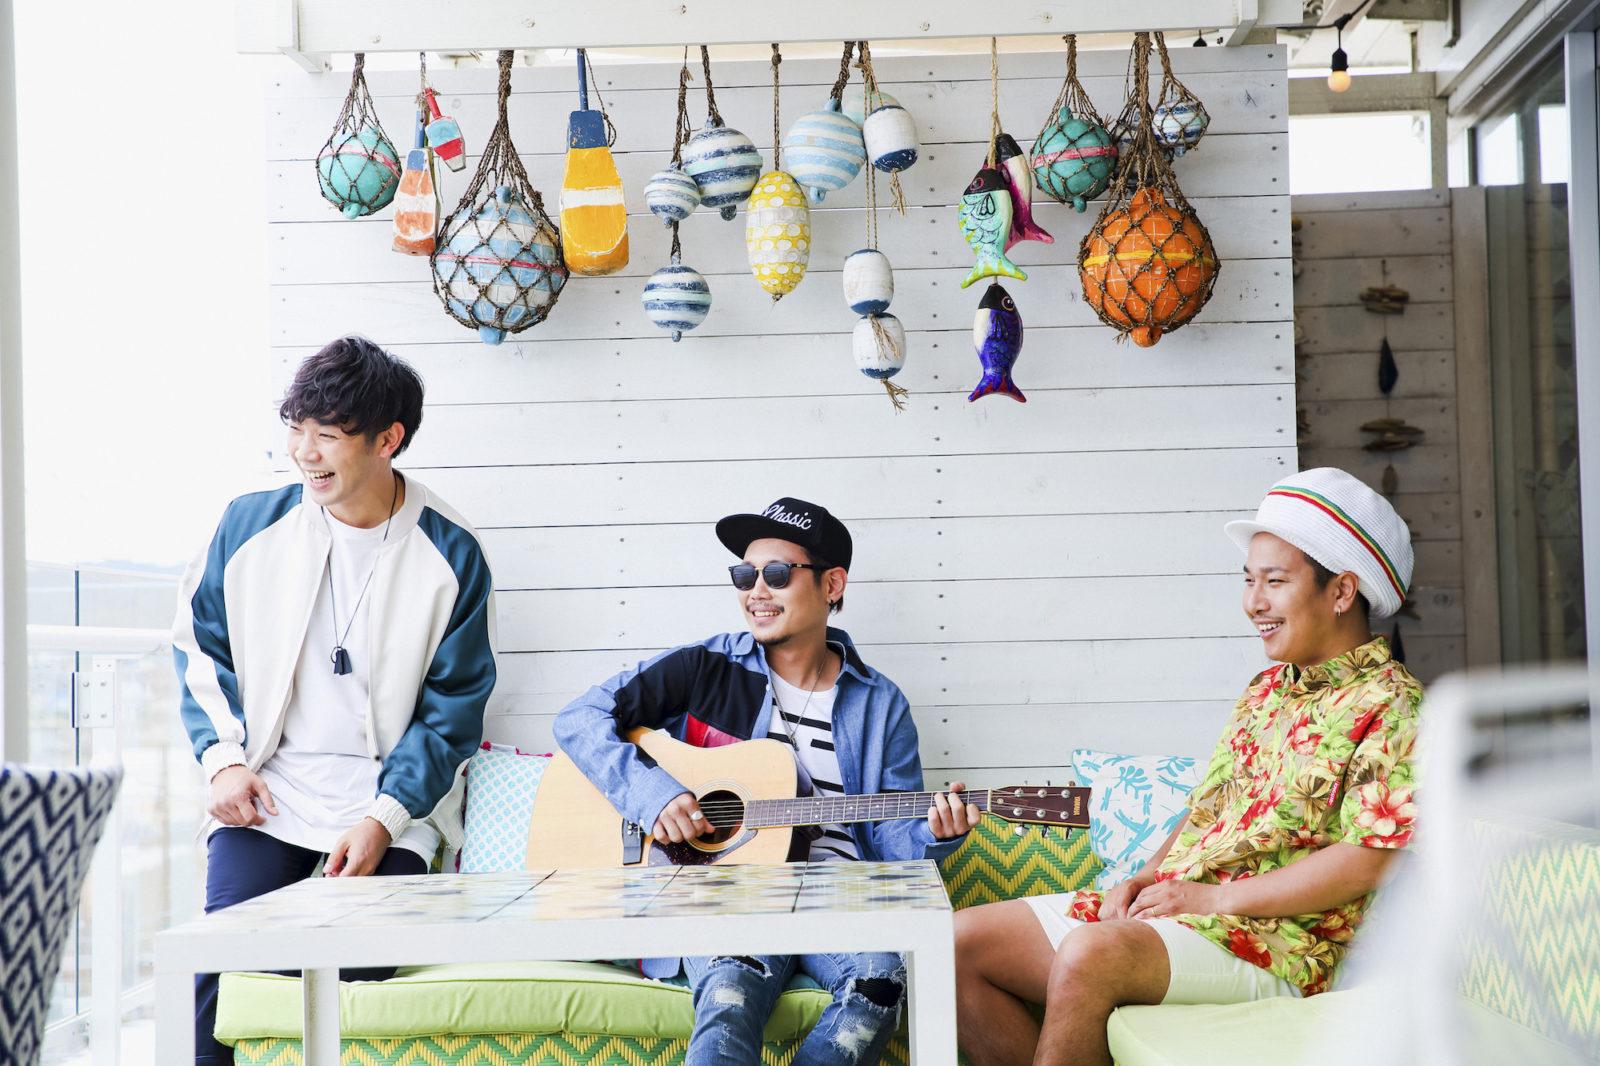 ベリーグッドマン 新アルバム『SING SING SING 5』は「過去最高作品」【インタビュー】サムネイル画像